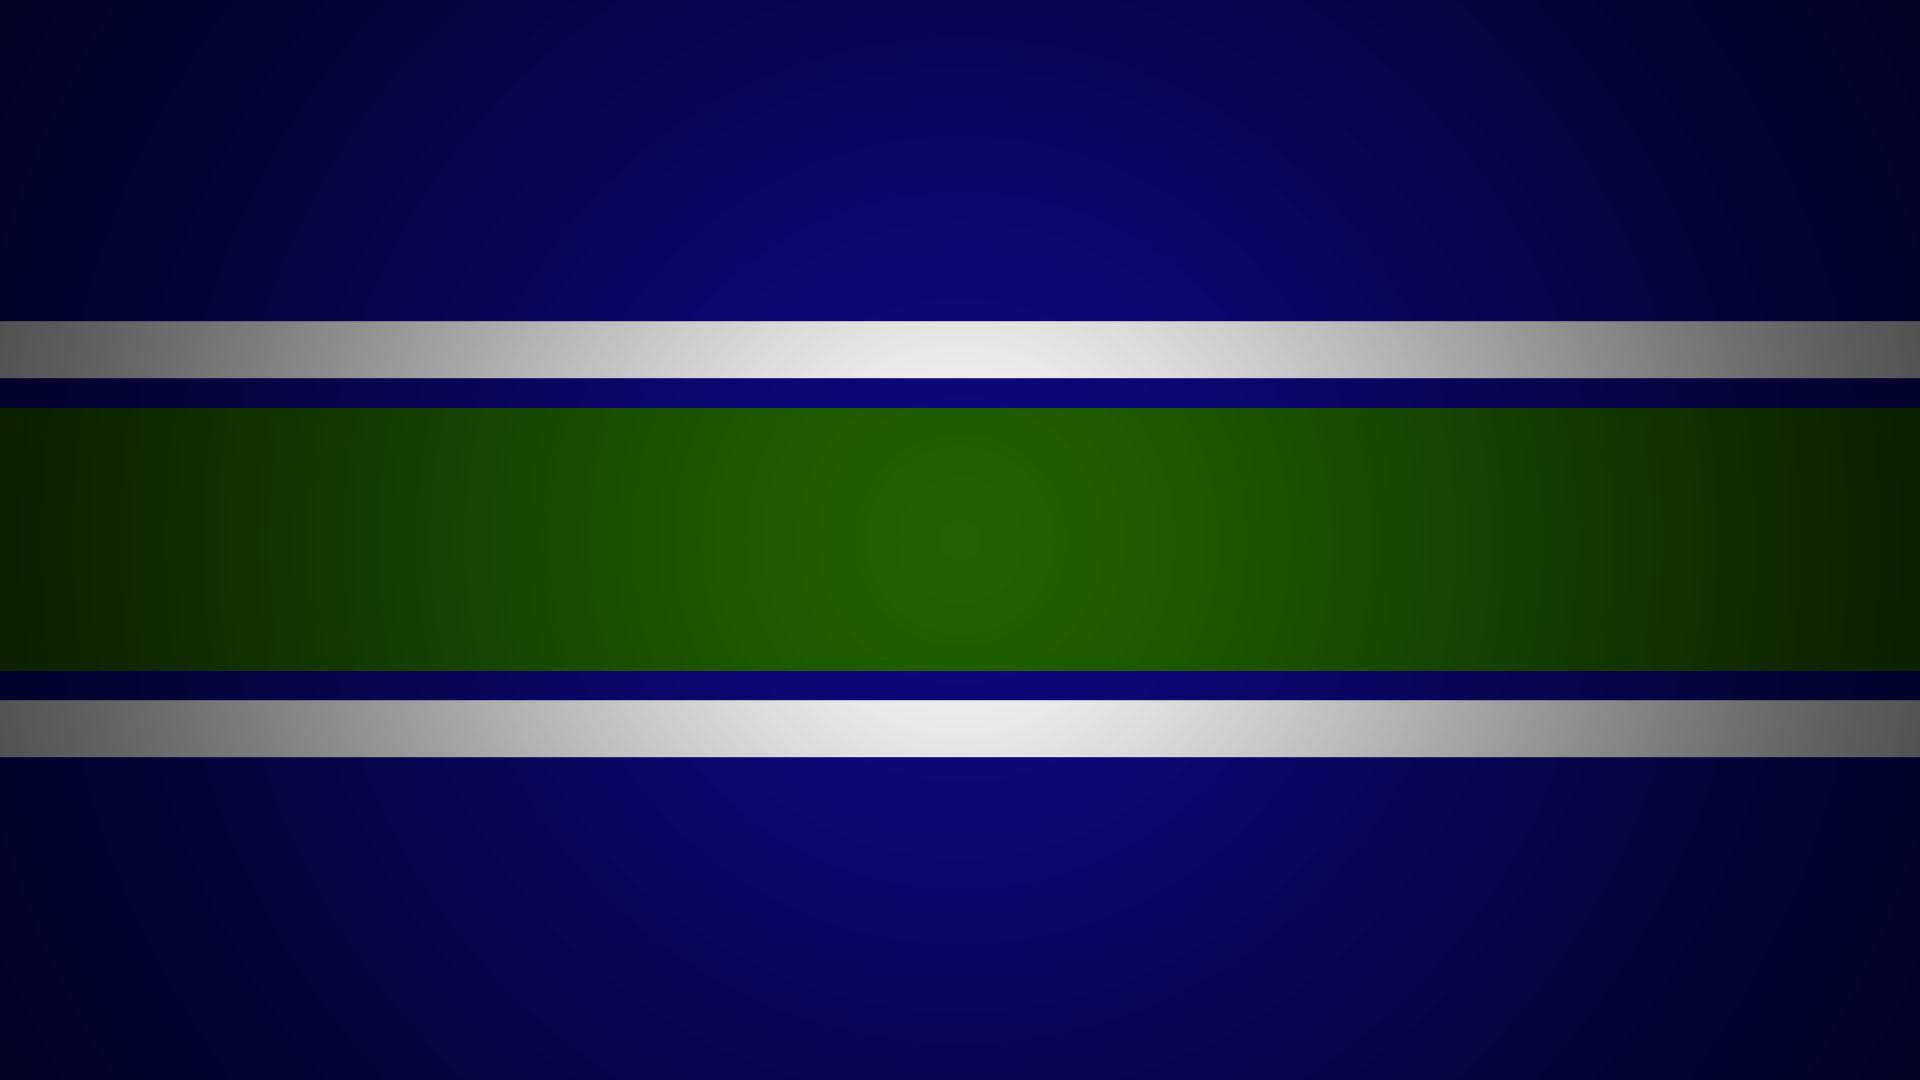 Canucks Ipad Wallpaper 1920x1080